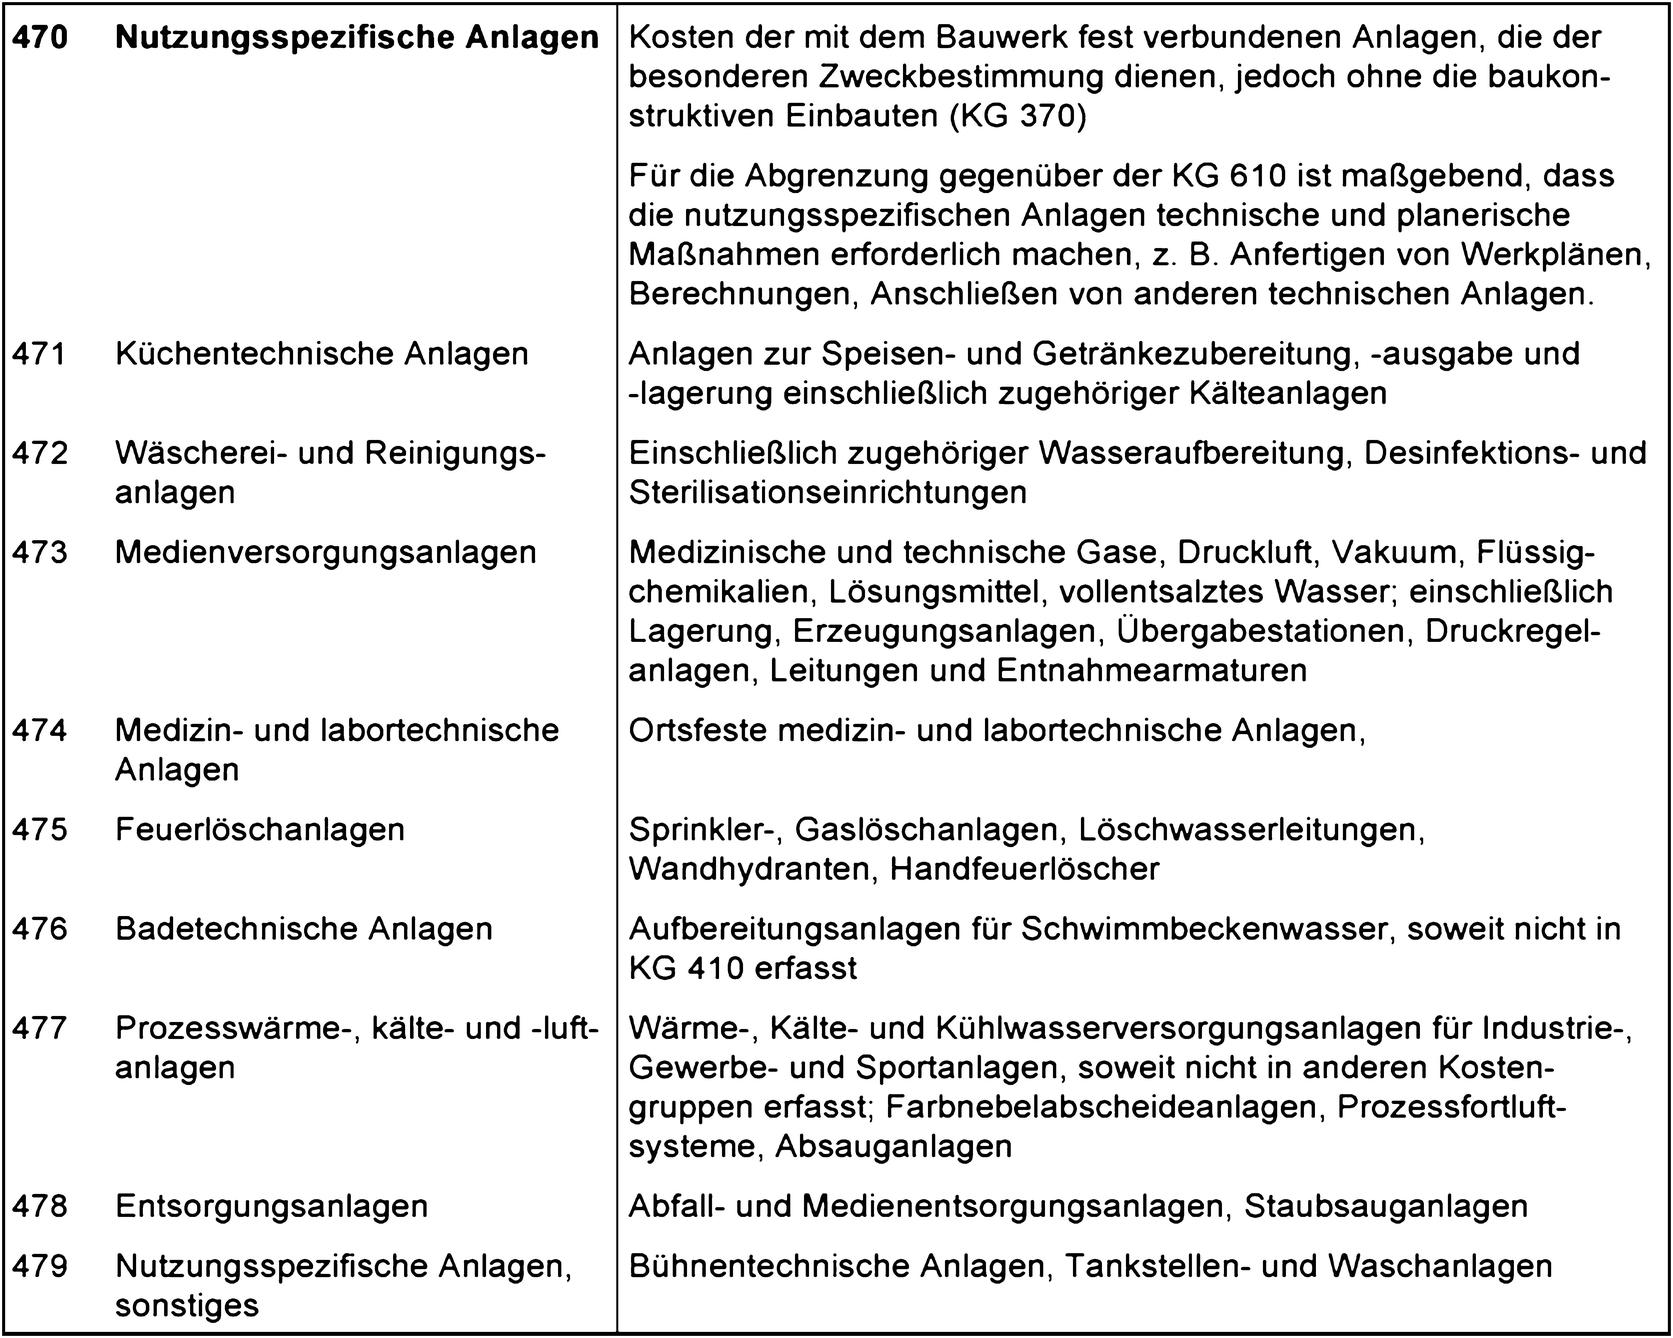 Mangelanzeige Laut Vob Inkl Mustervorlagen 14